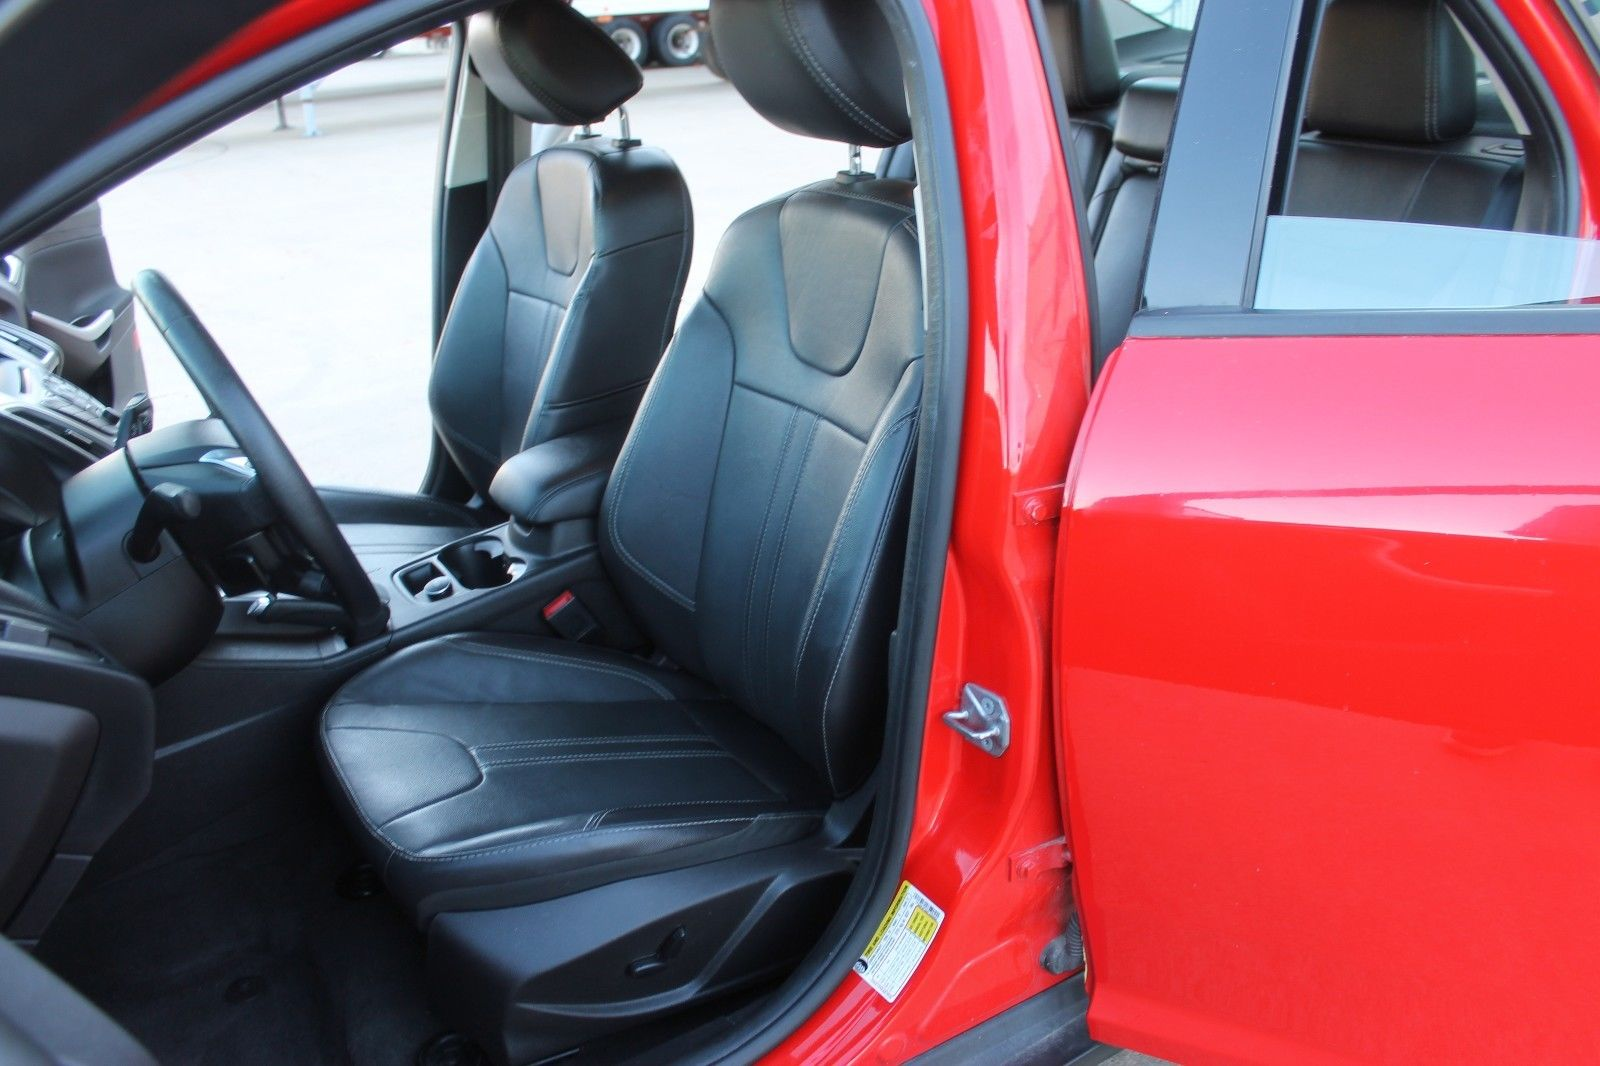 Awesome 2014 Ford Focus Se Sedan 4 Door No Reserve 36k 1owner Sport Item Specifics